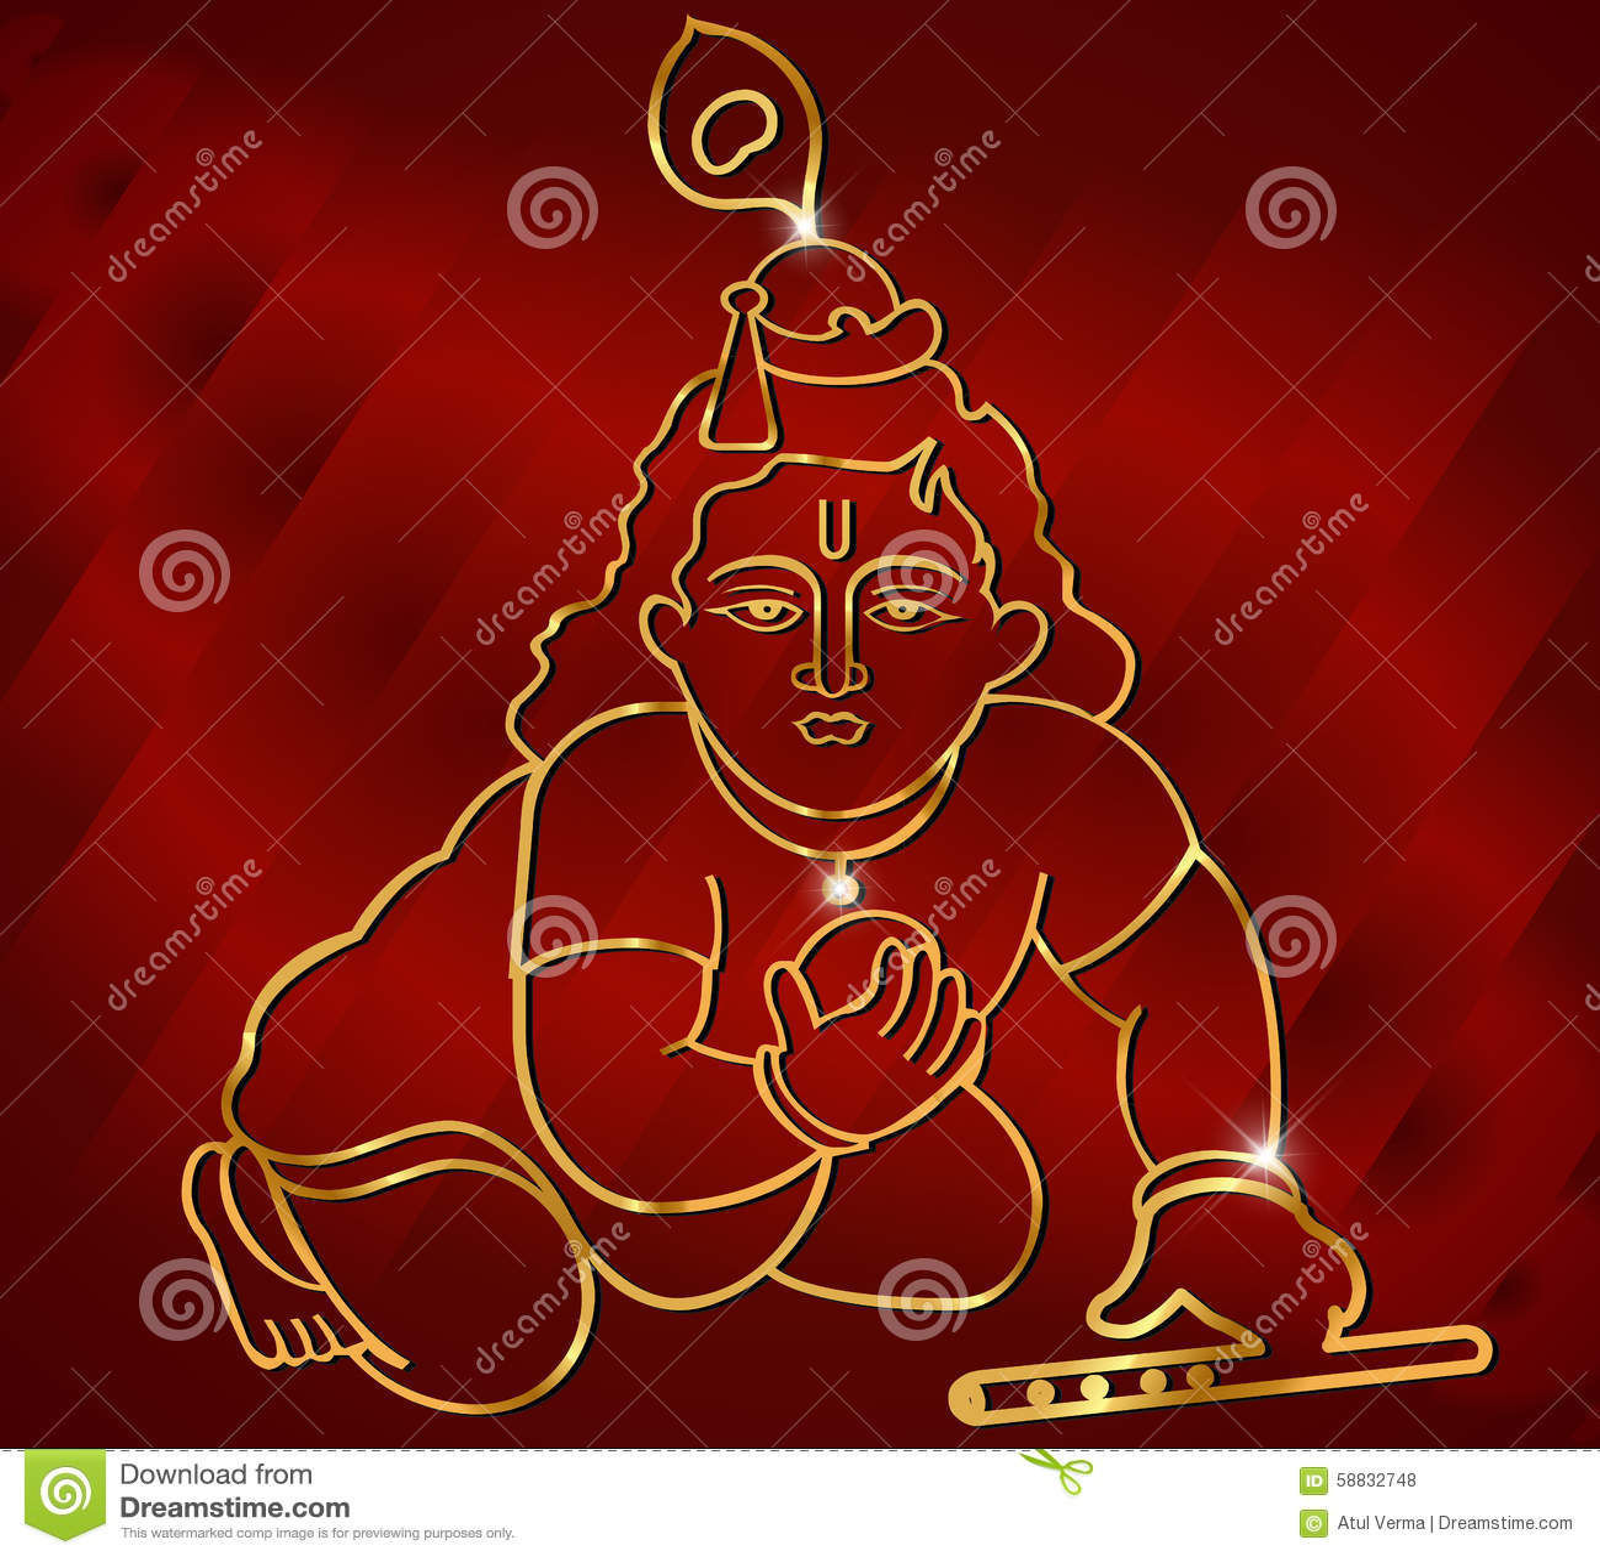 Λίγο Krishna με το φλάουτο, ινδό έργο τέχνης krishna Θεών στο κόκκινο υπόβαθρο σατέν